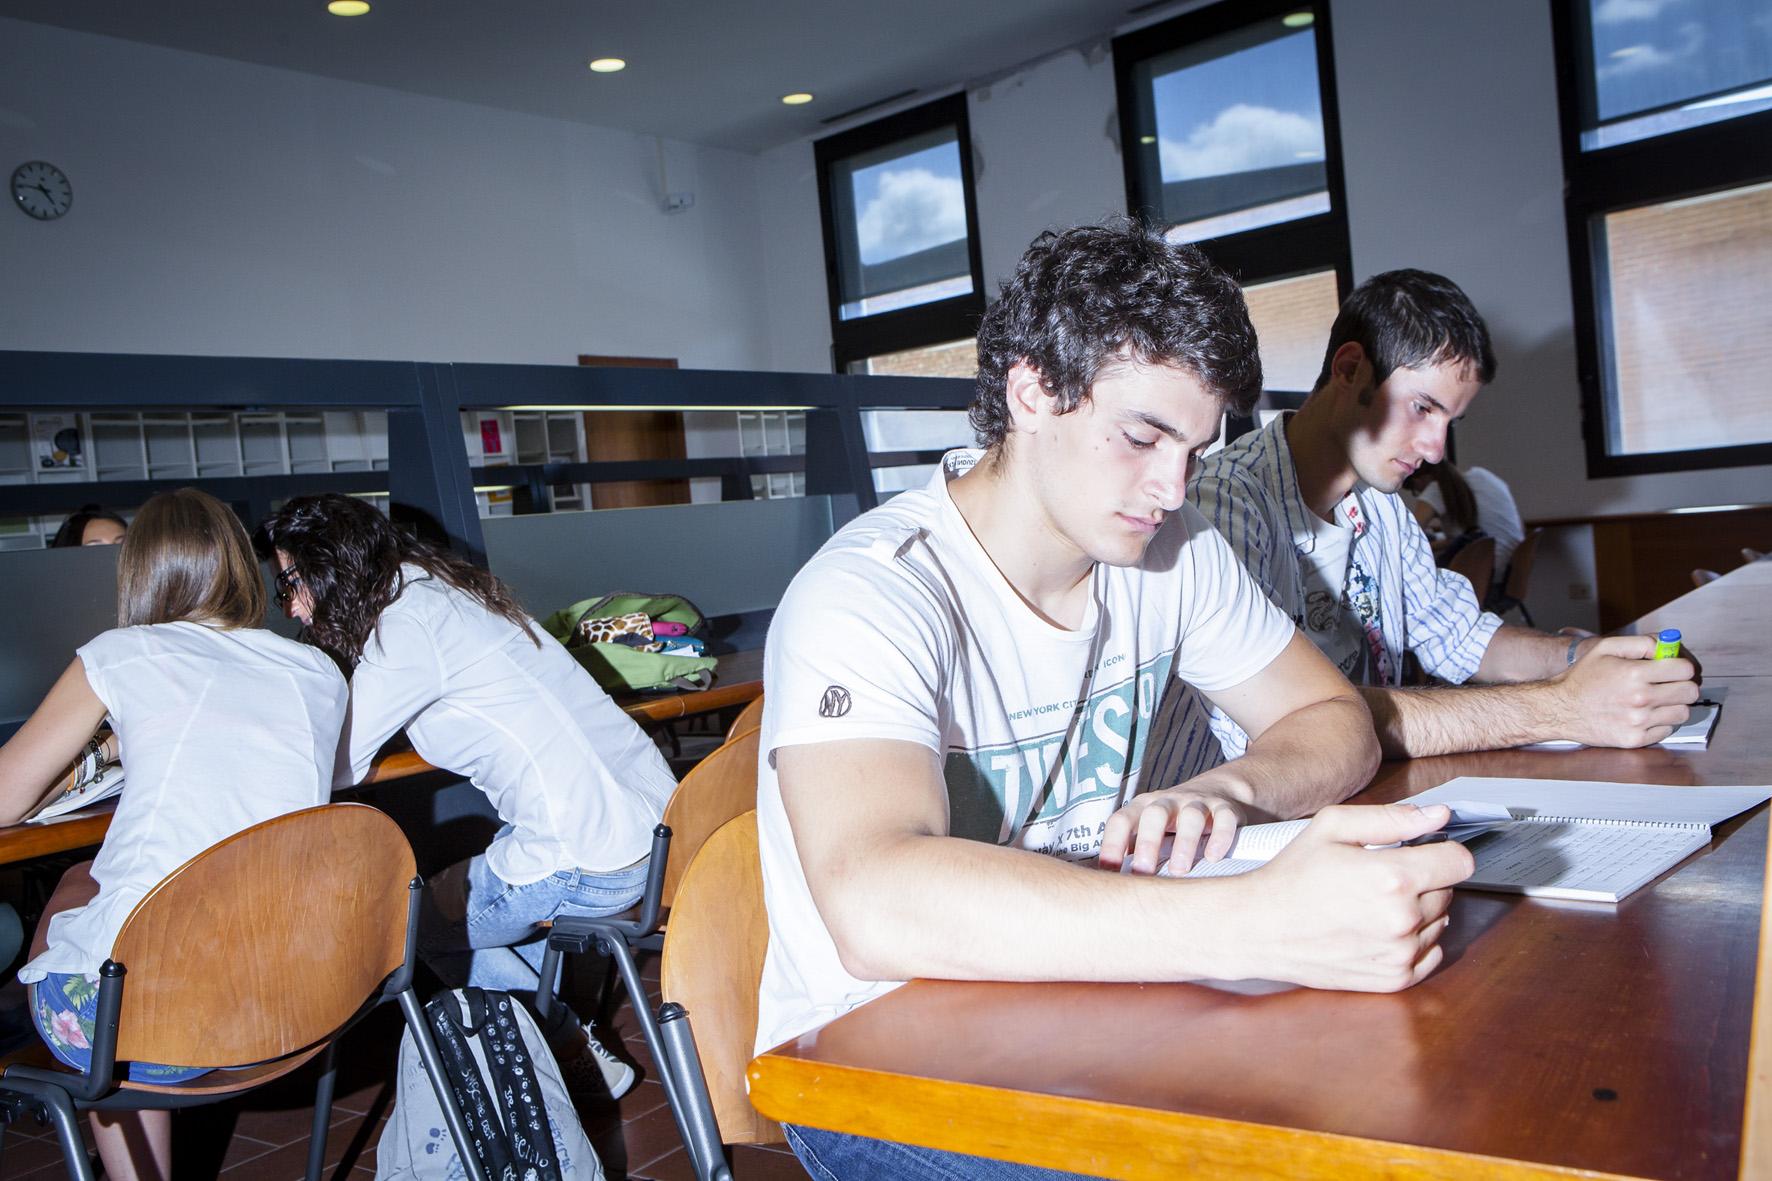 26. ITALIANI STUDENTI. FOTO MARIO LLORCA.WWW.MARIOLLORCA.COM